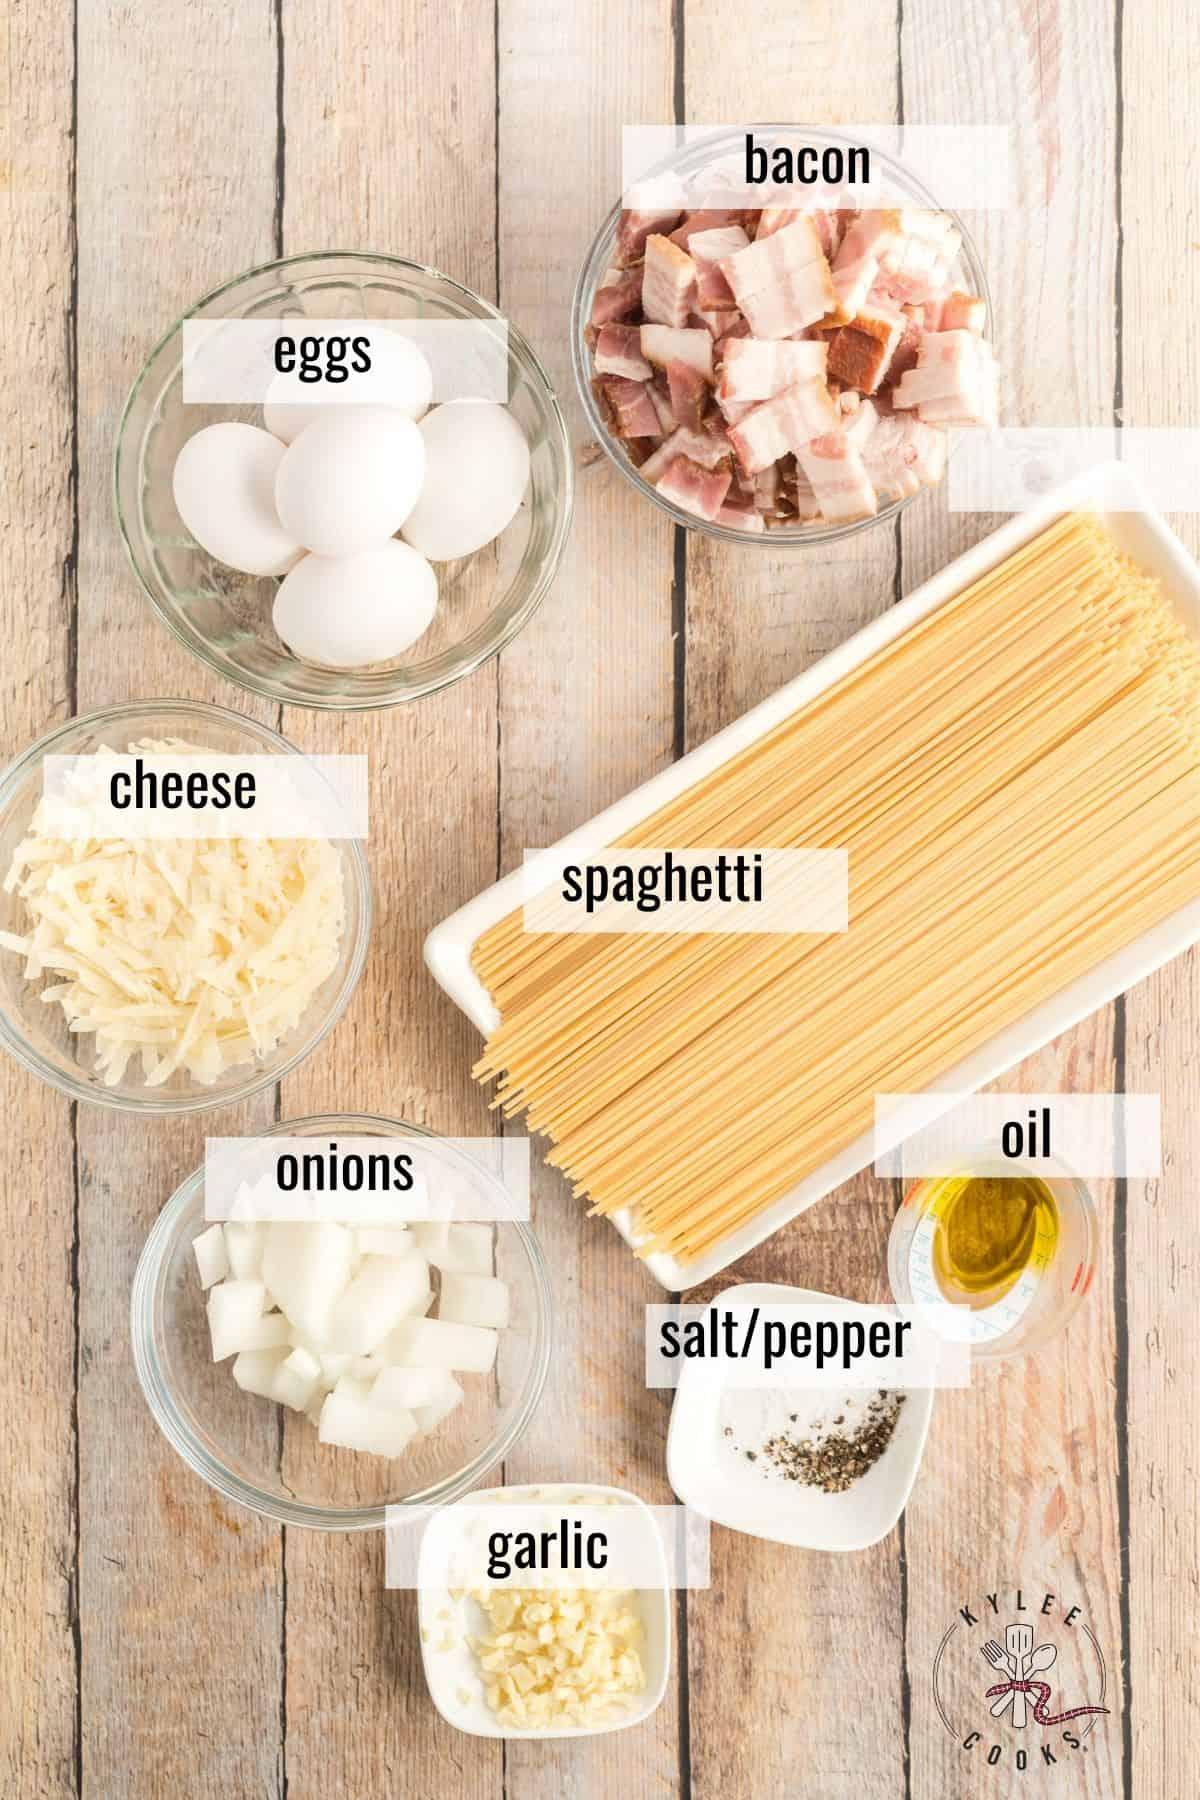 ingredients to make spaghetti carbonara